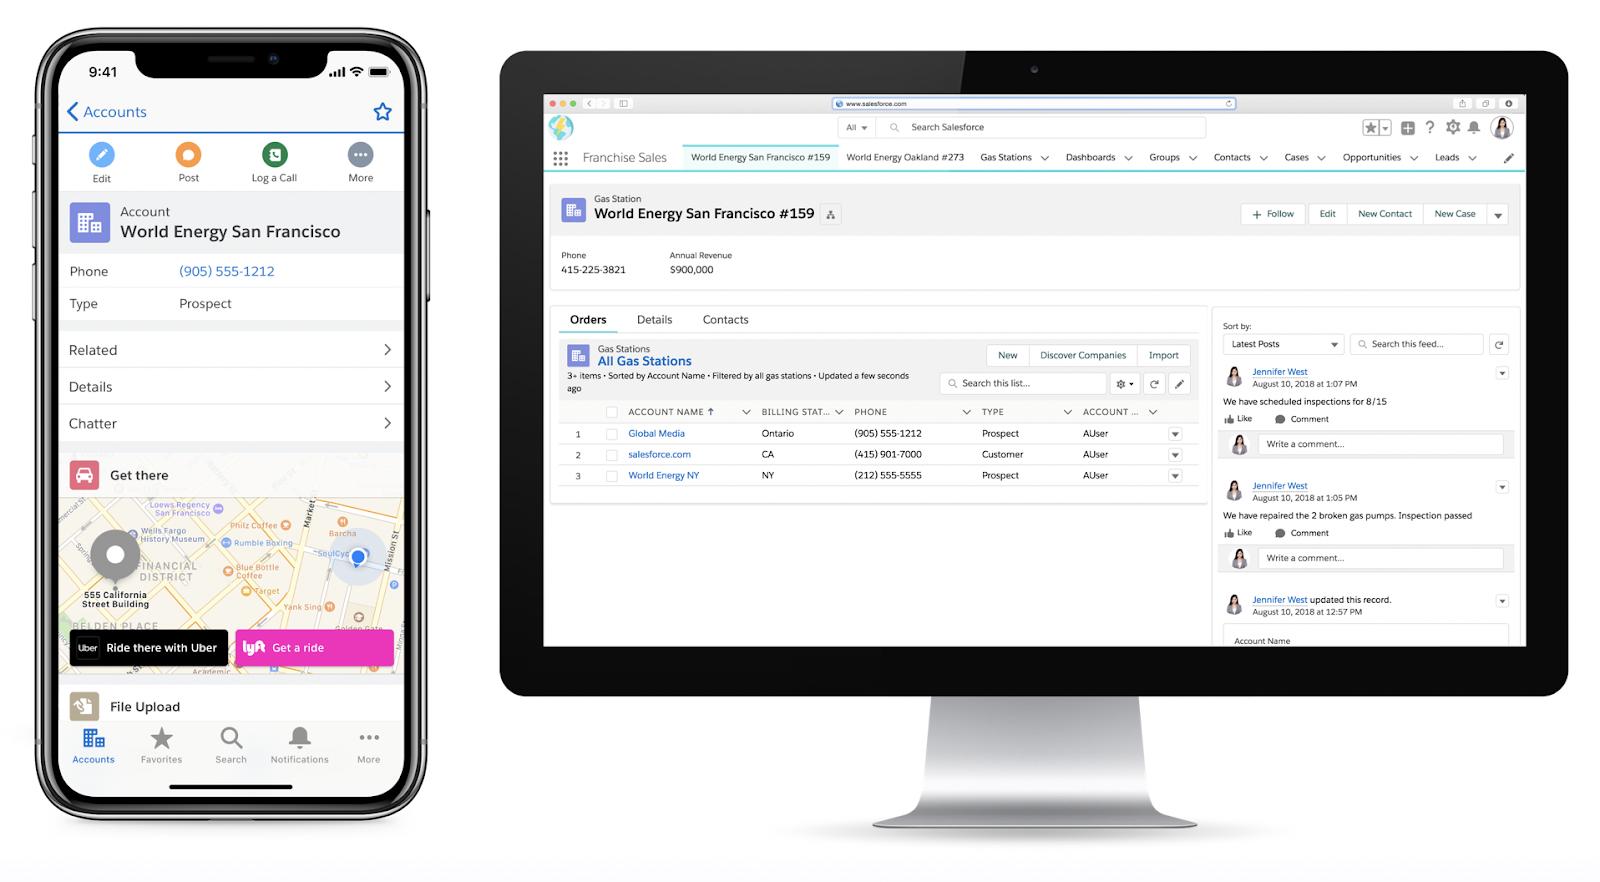 Vue de la version de bureau de LightningExperience à côté d'une vue de la version mobile, montrant différents éléments sur l'interface mobile/de bureau pour la même page d'enregistrement, afin d'illustrer la manière dont les pages d'enregistrement peuvent être personnalisées.